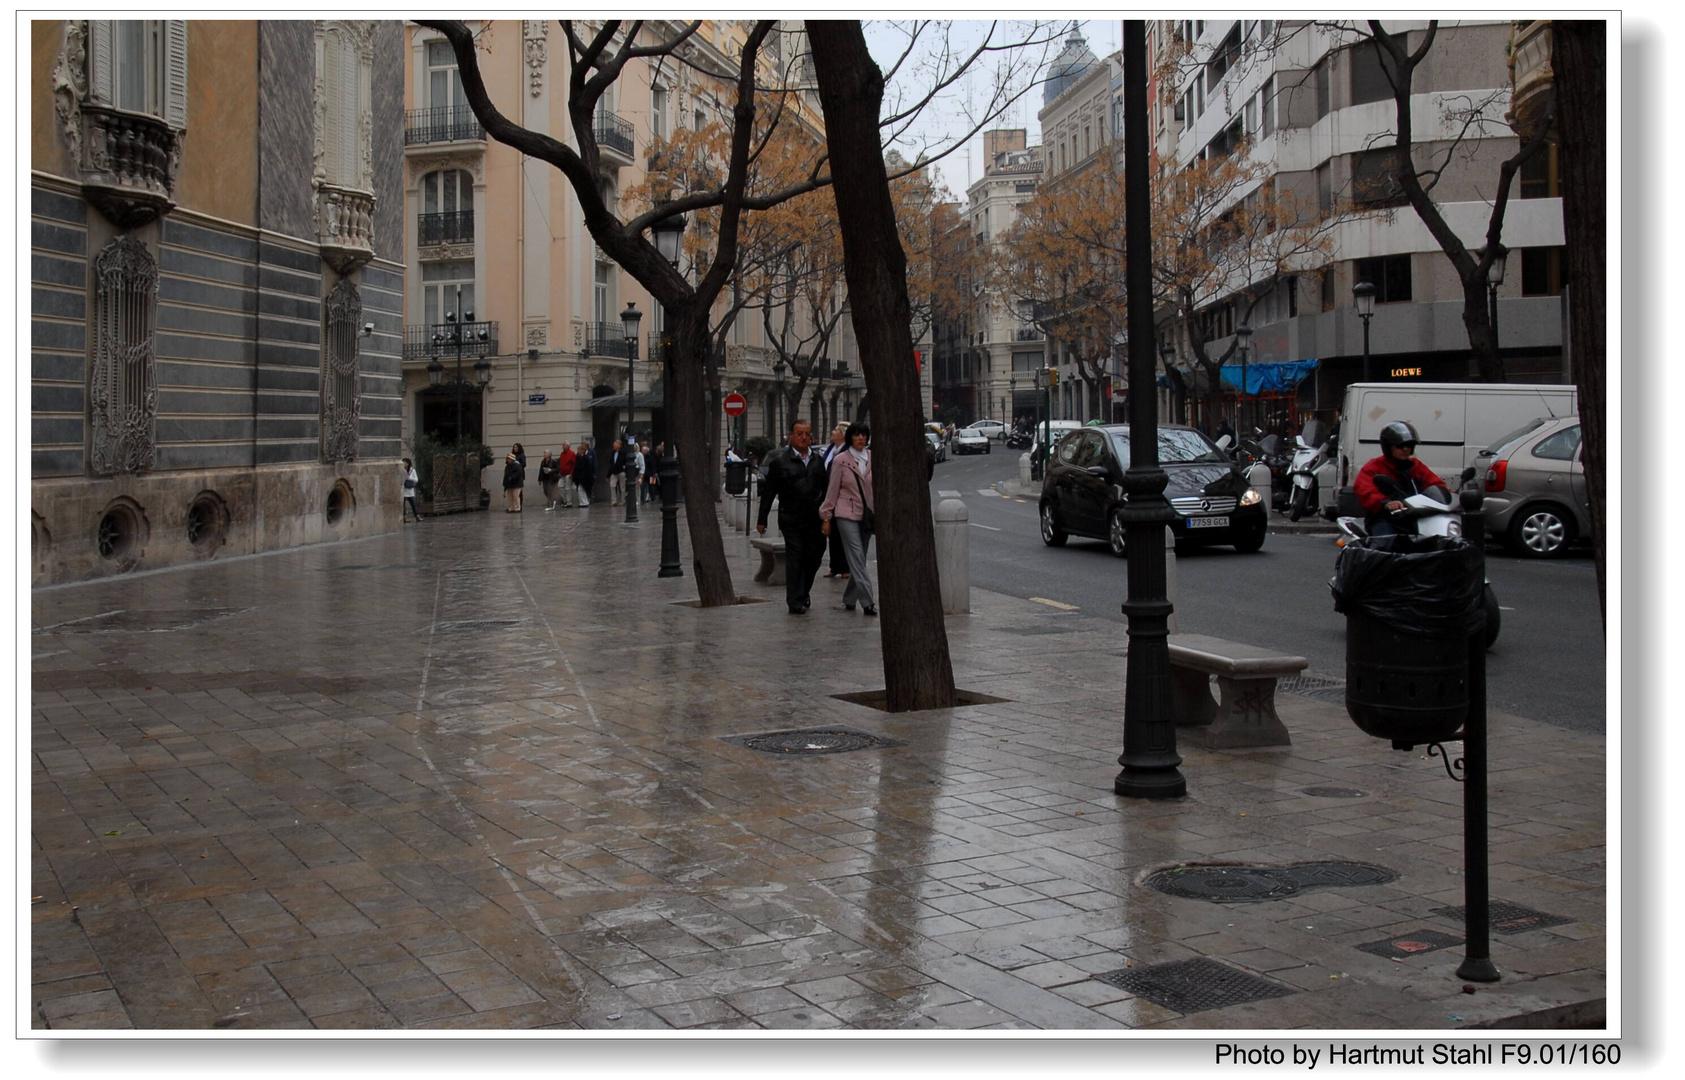 Valencia, Calle mojada